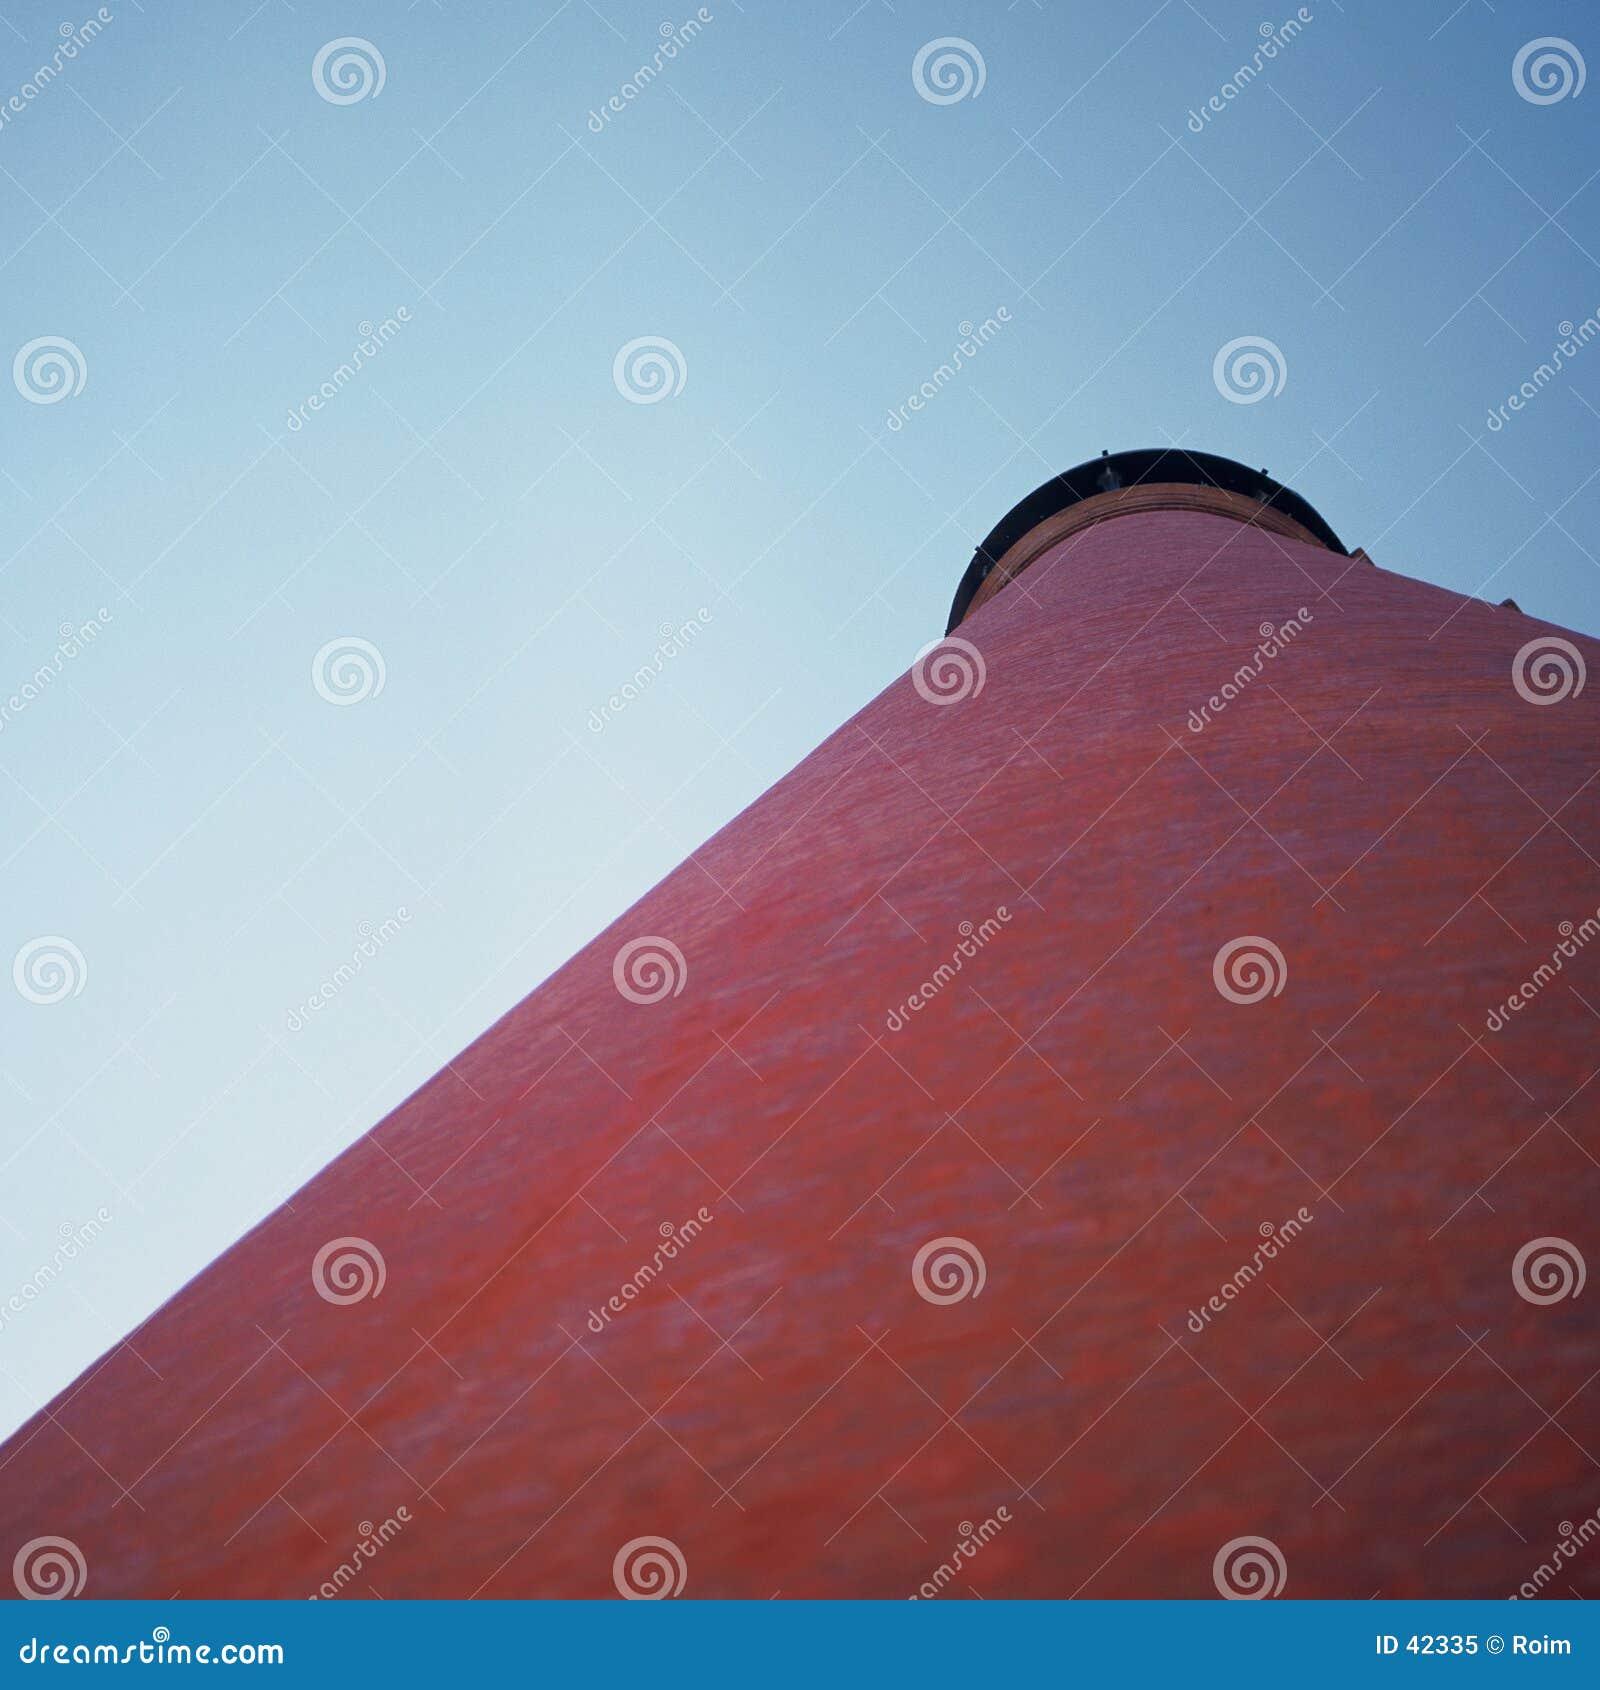 圆锥形红色屋顶